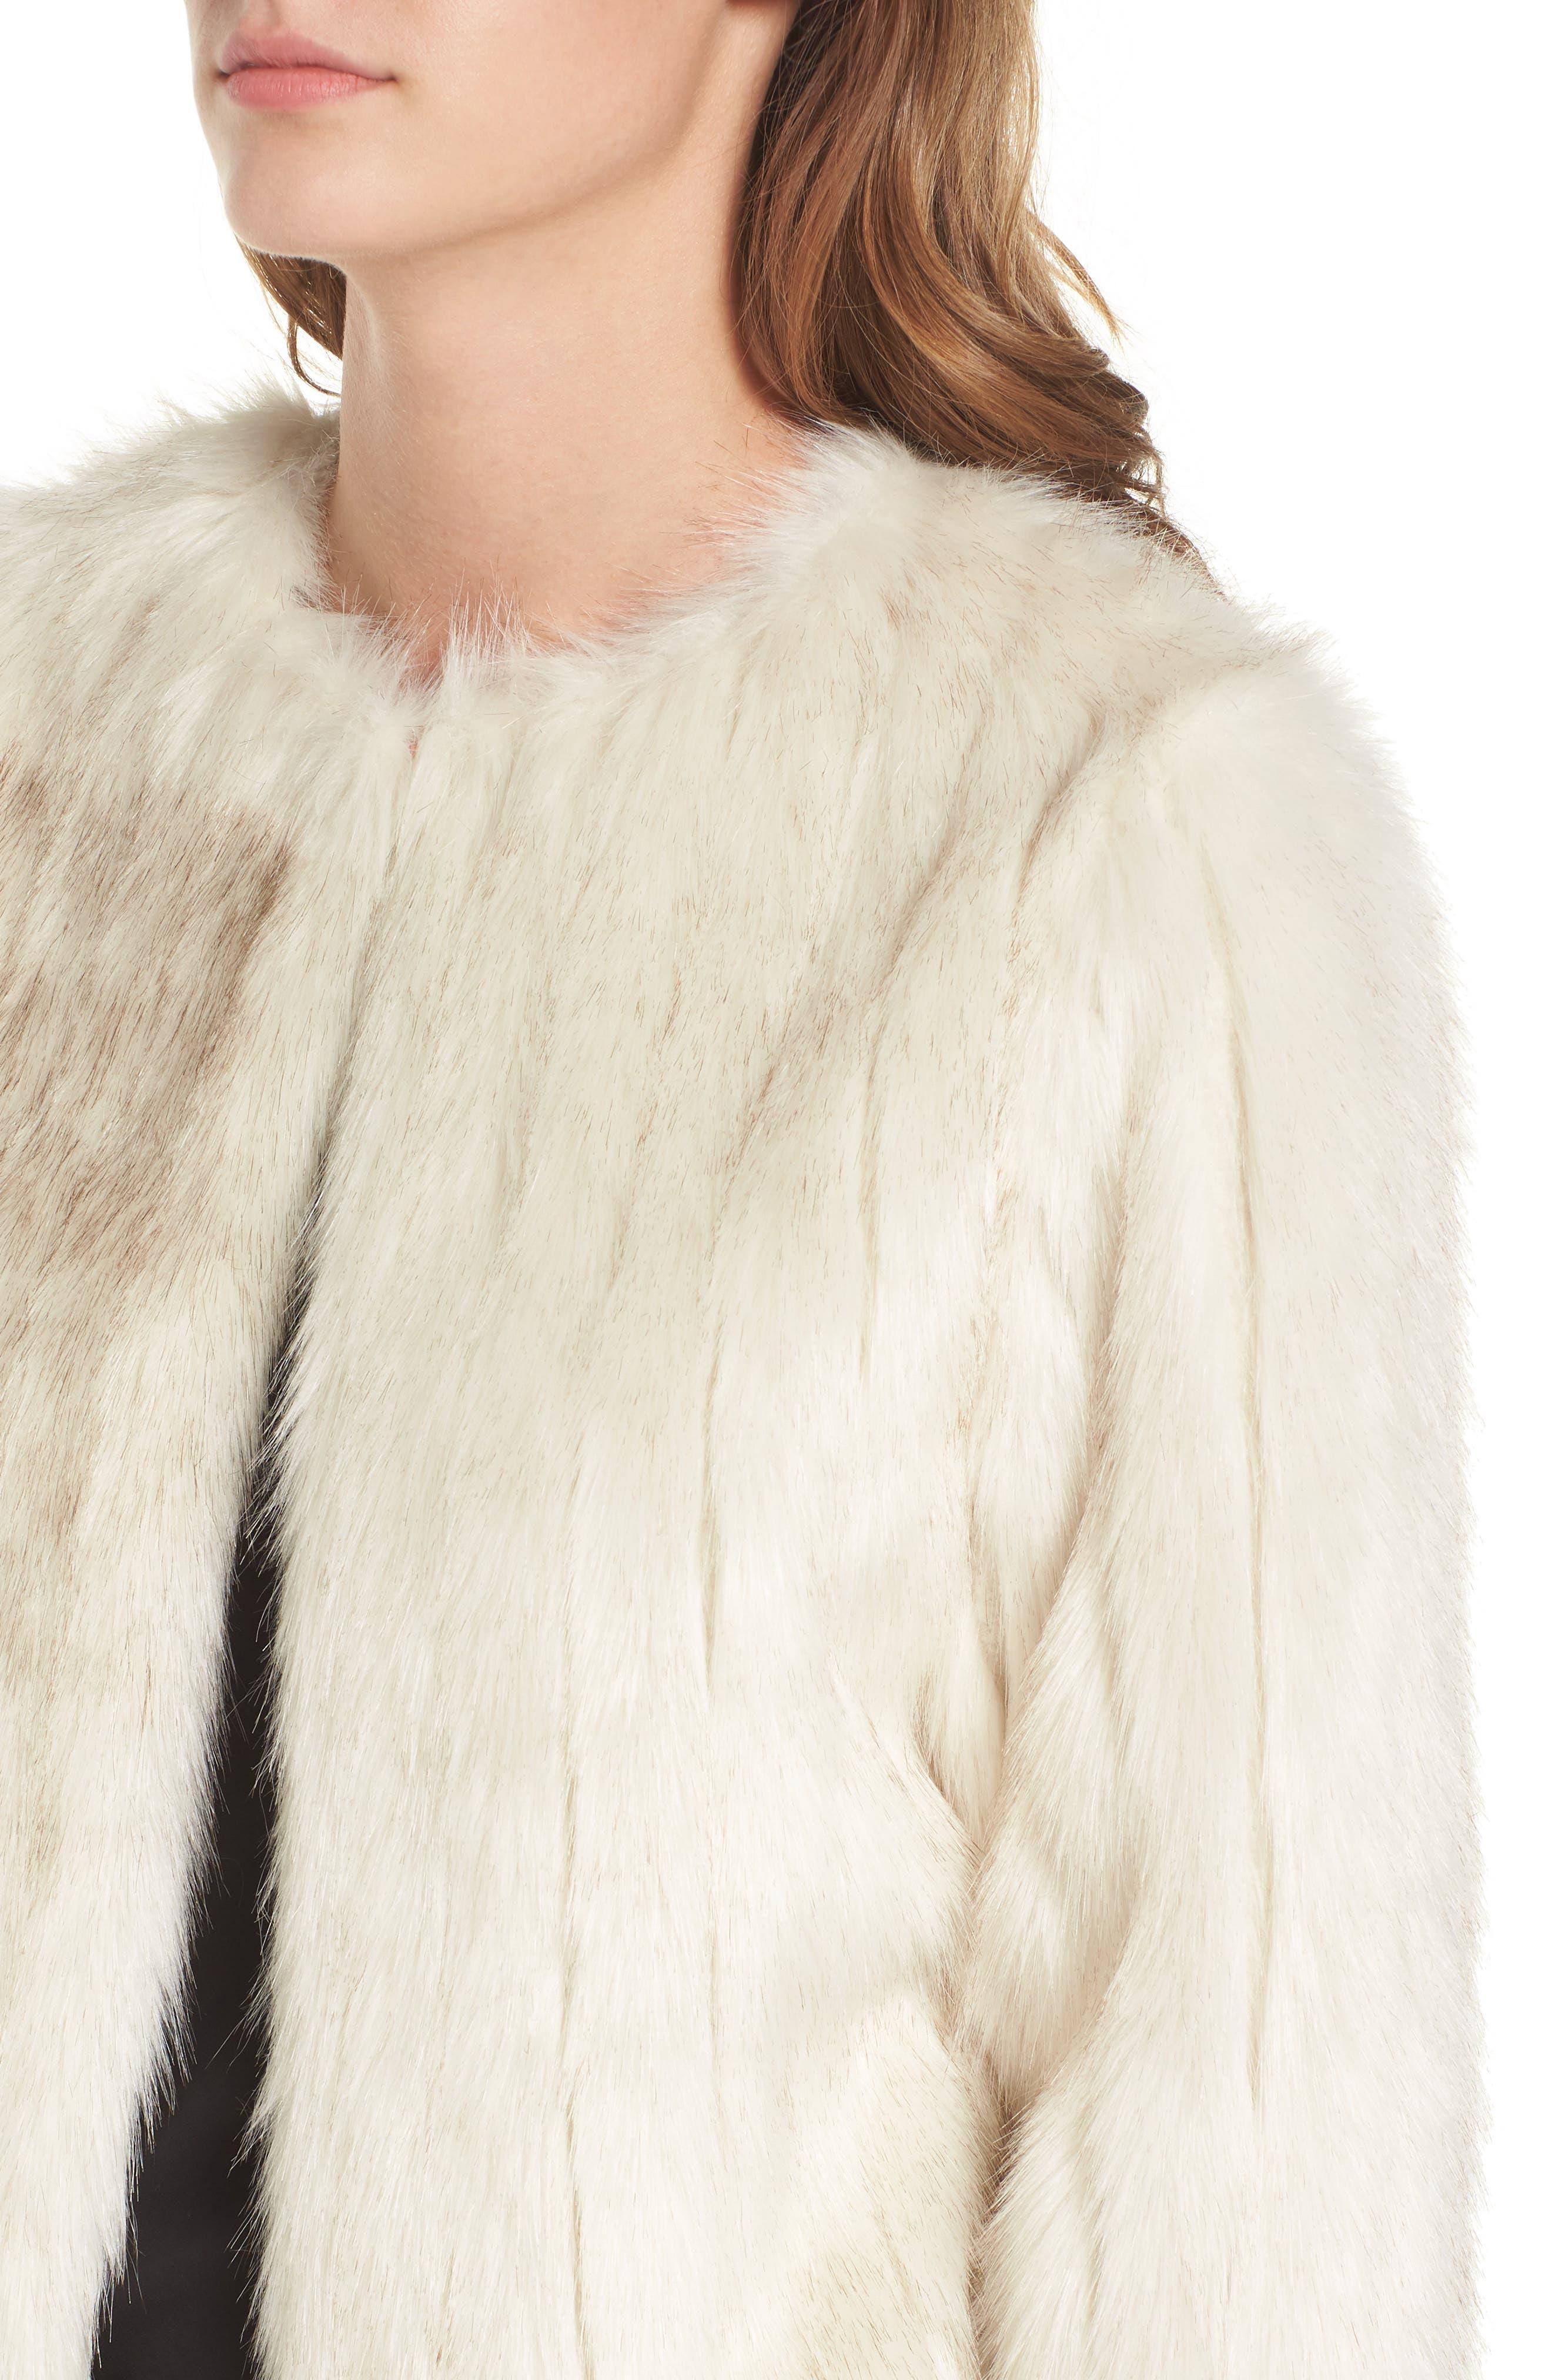 Winter Faux Fur Jacket,                             Alternate thumbnail 4, color,                             905